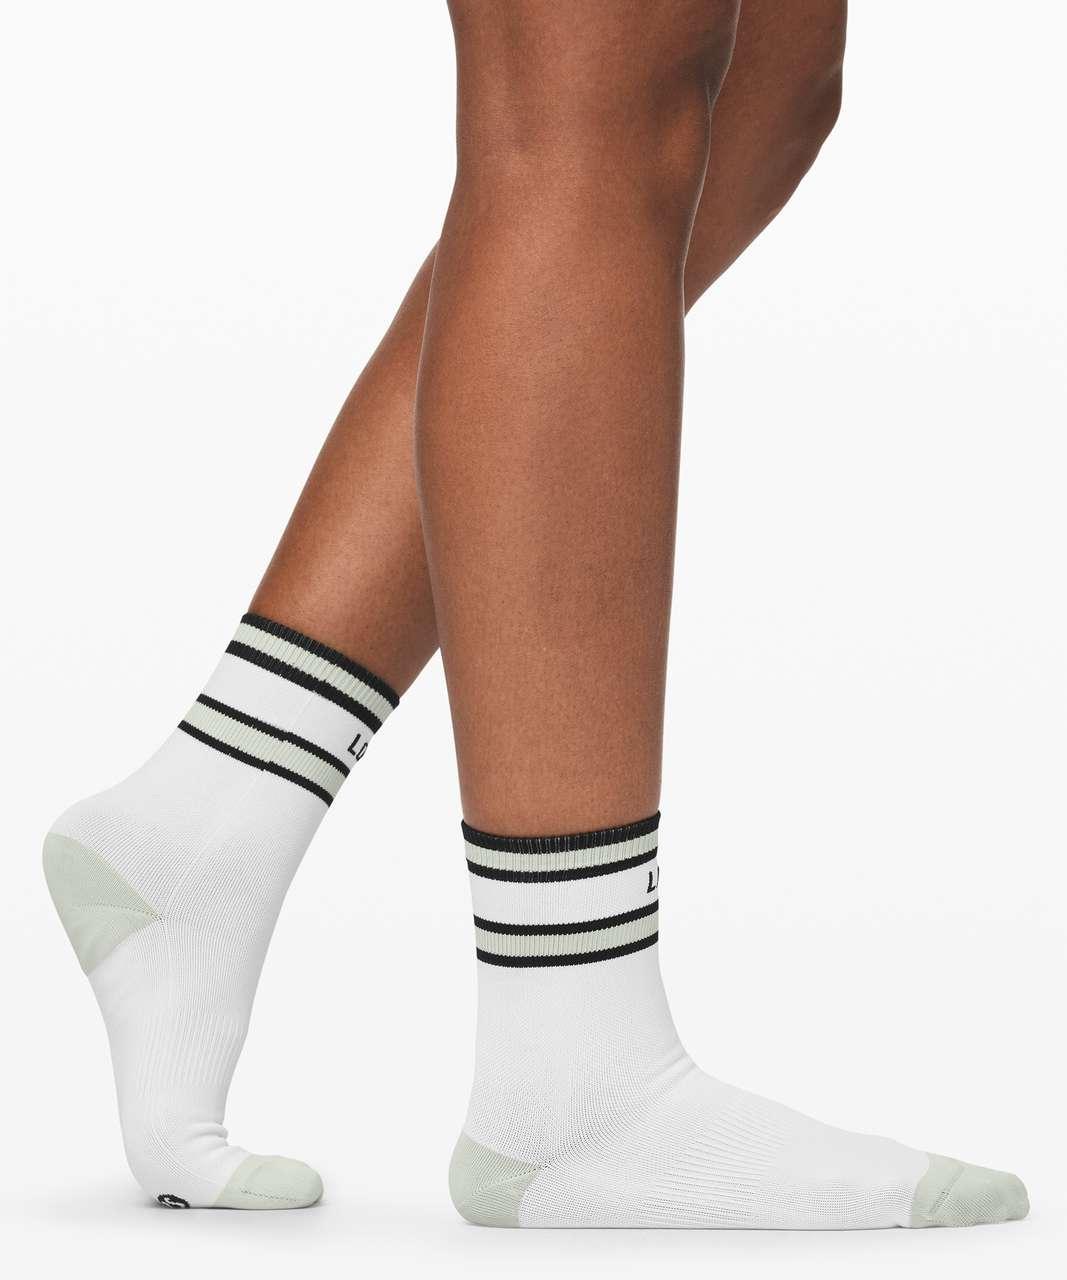 Lululemon Tale To Tell Quarter Sock *2 Pack - White / Springtime / Black